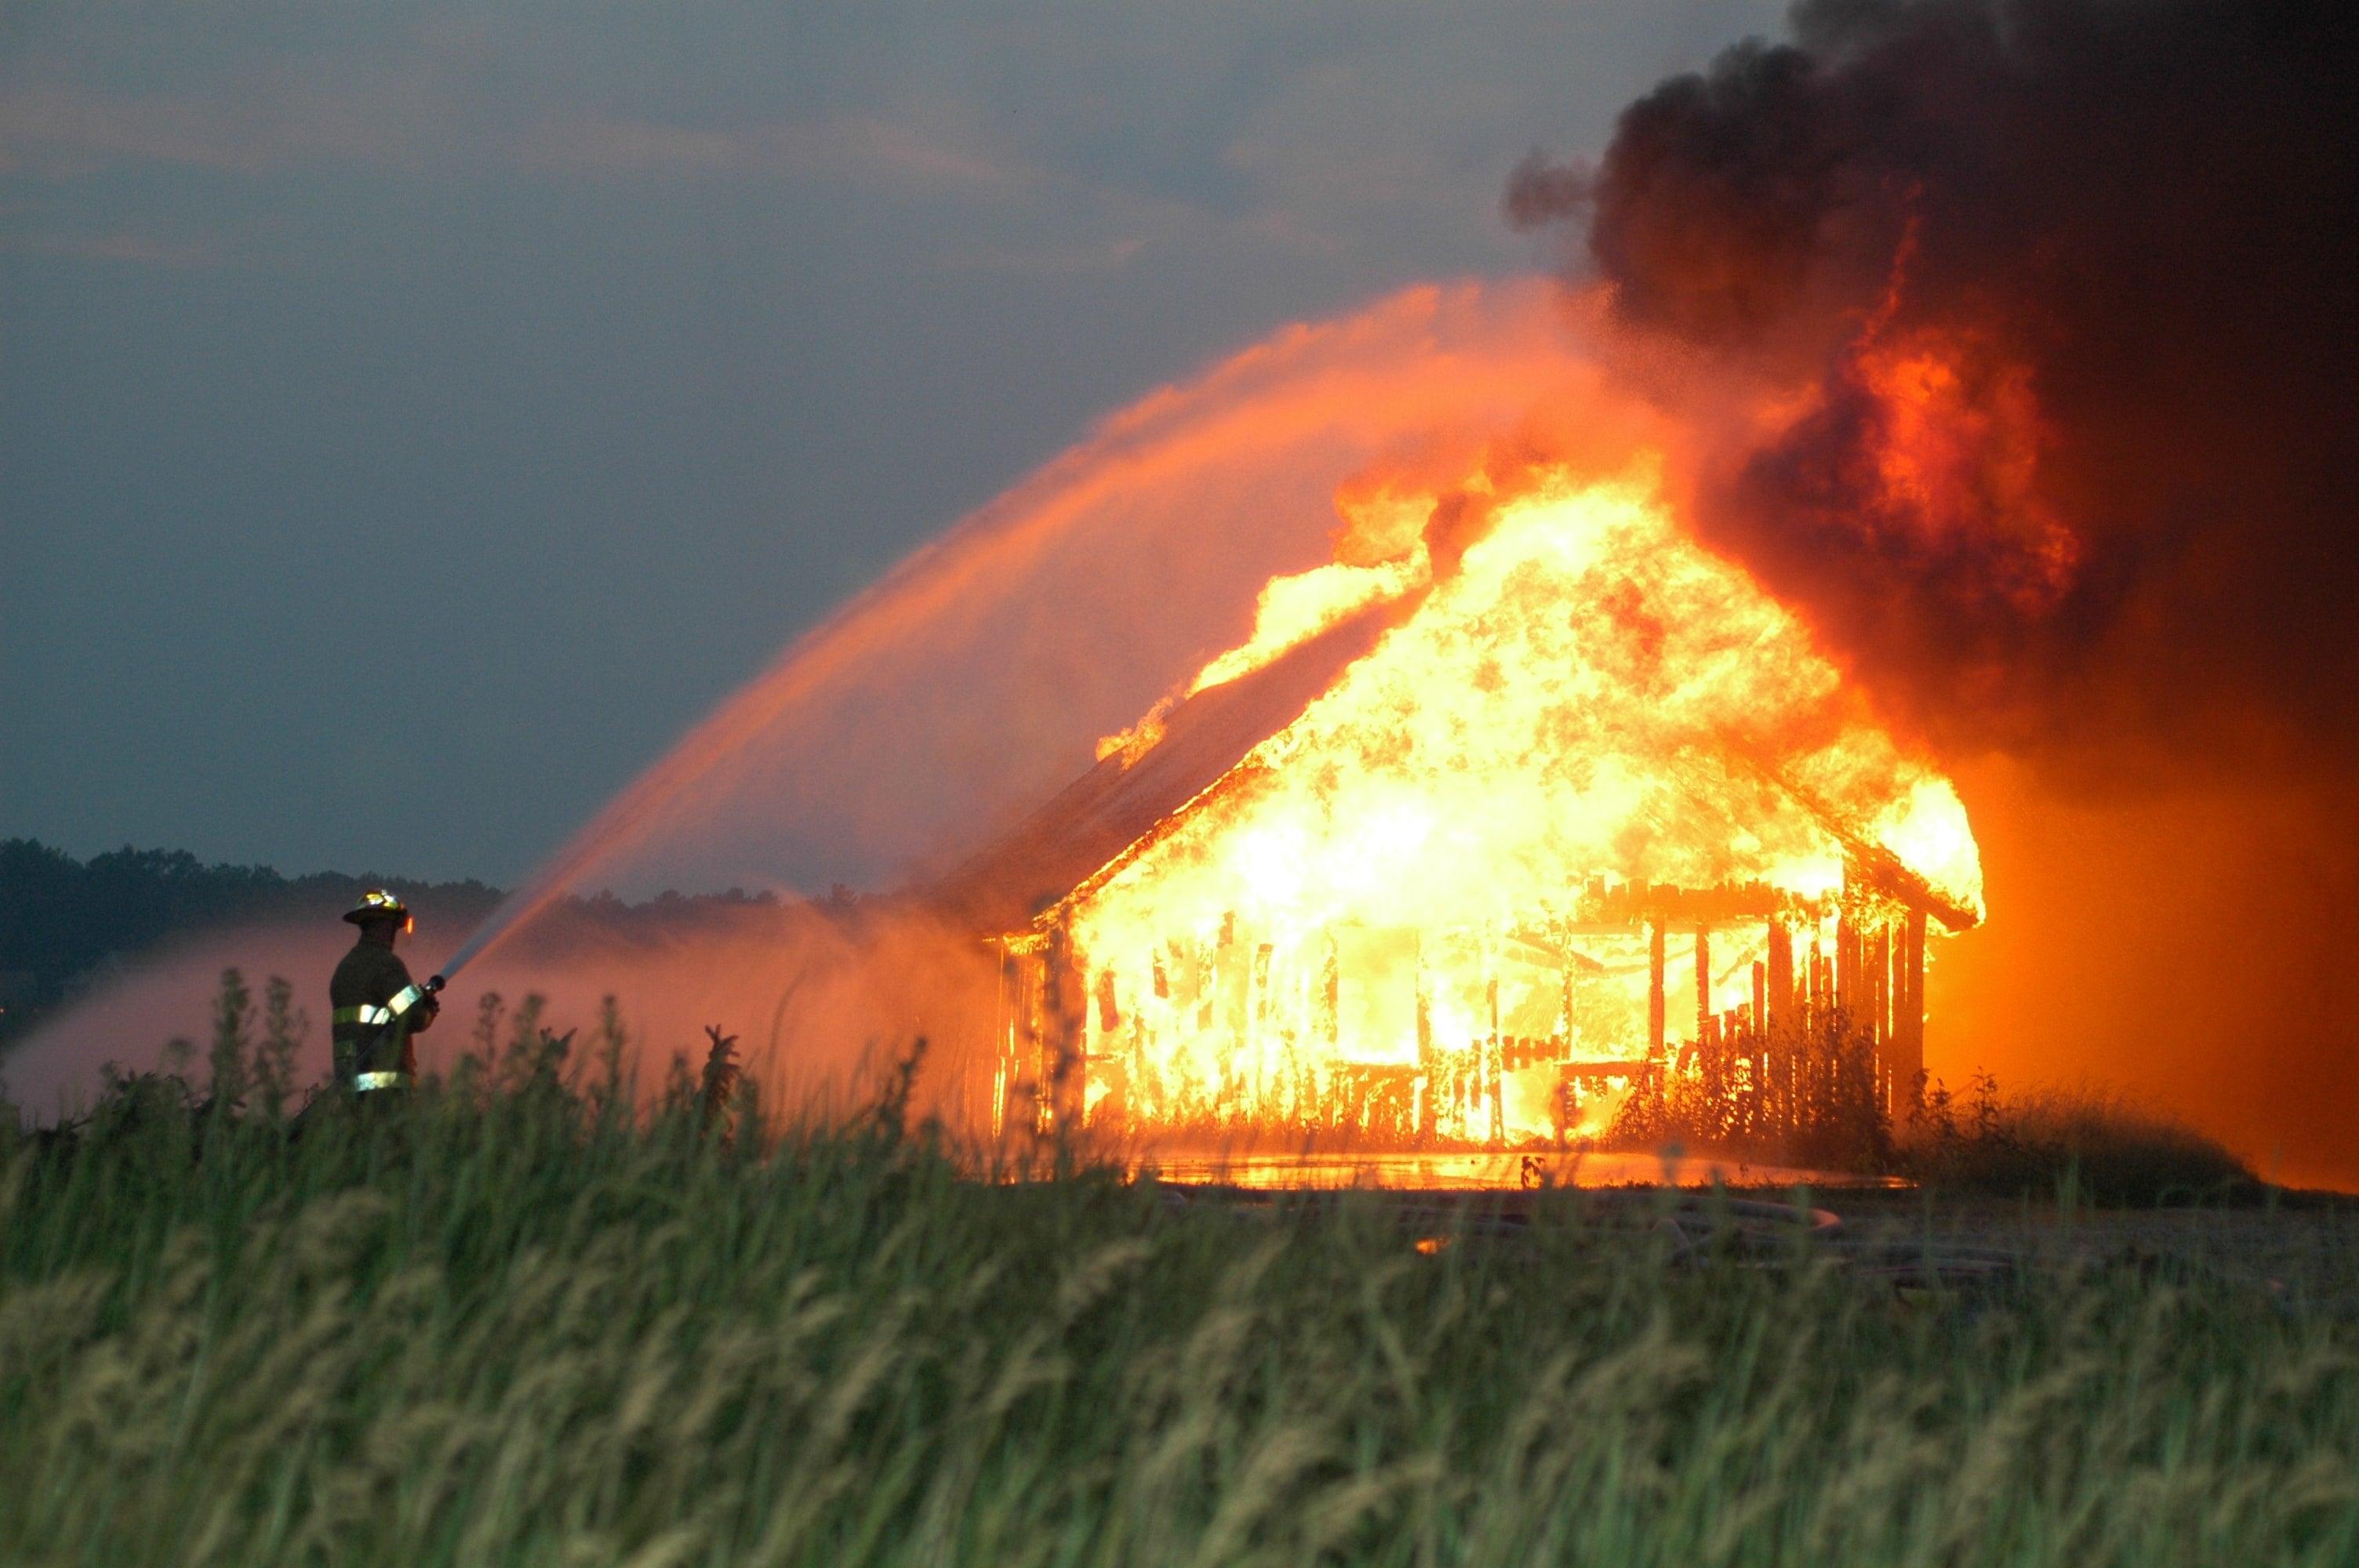 sécuriser sa maison face aux incendies